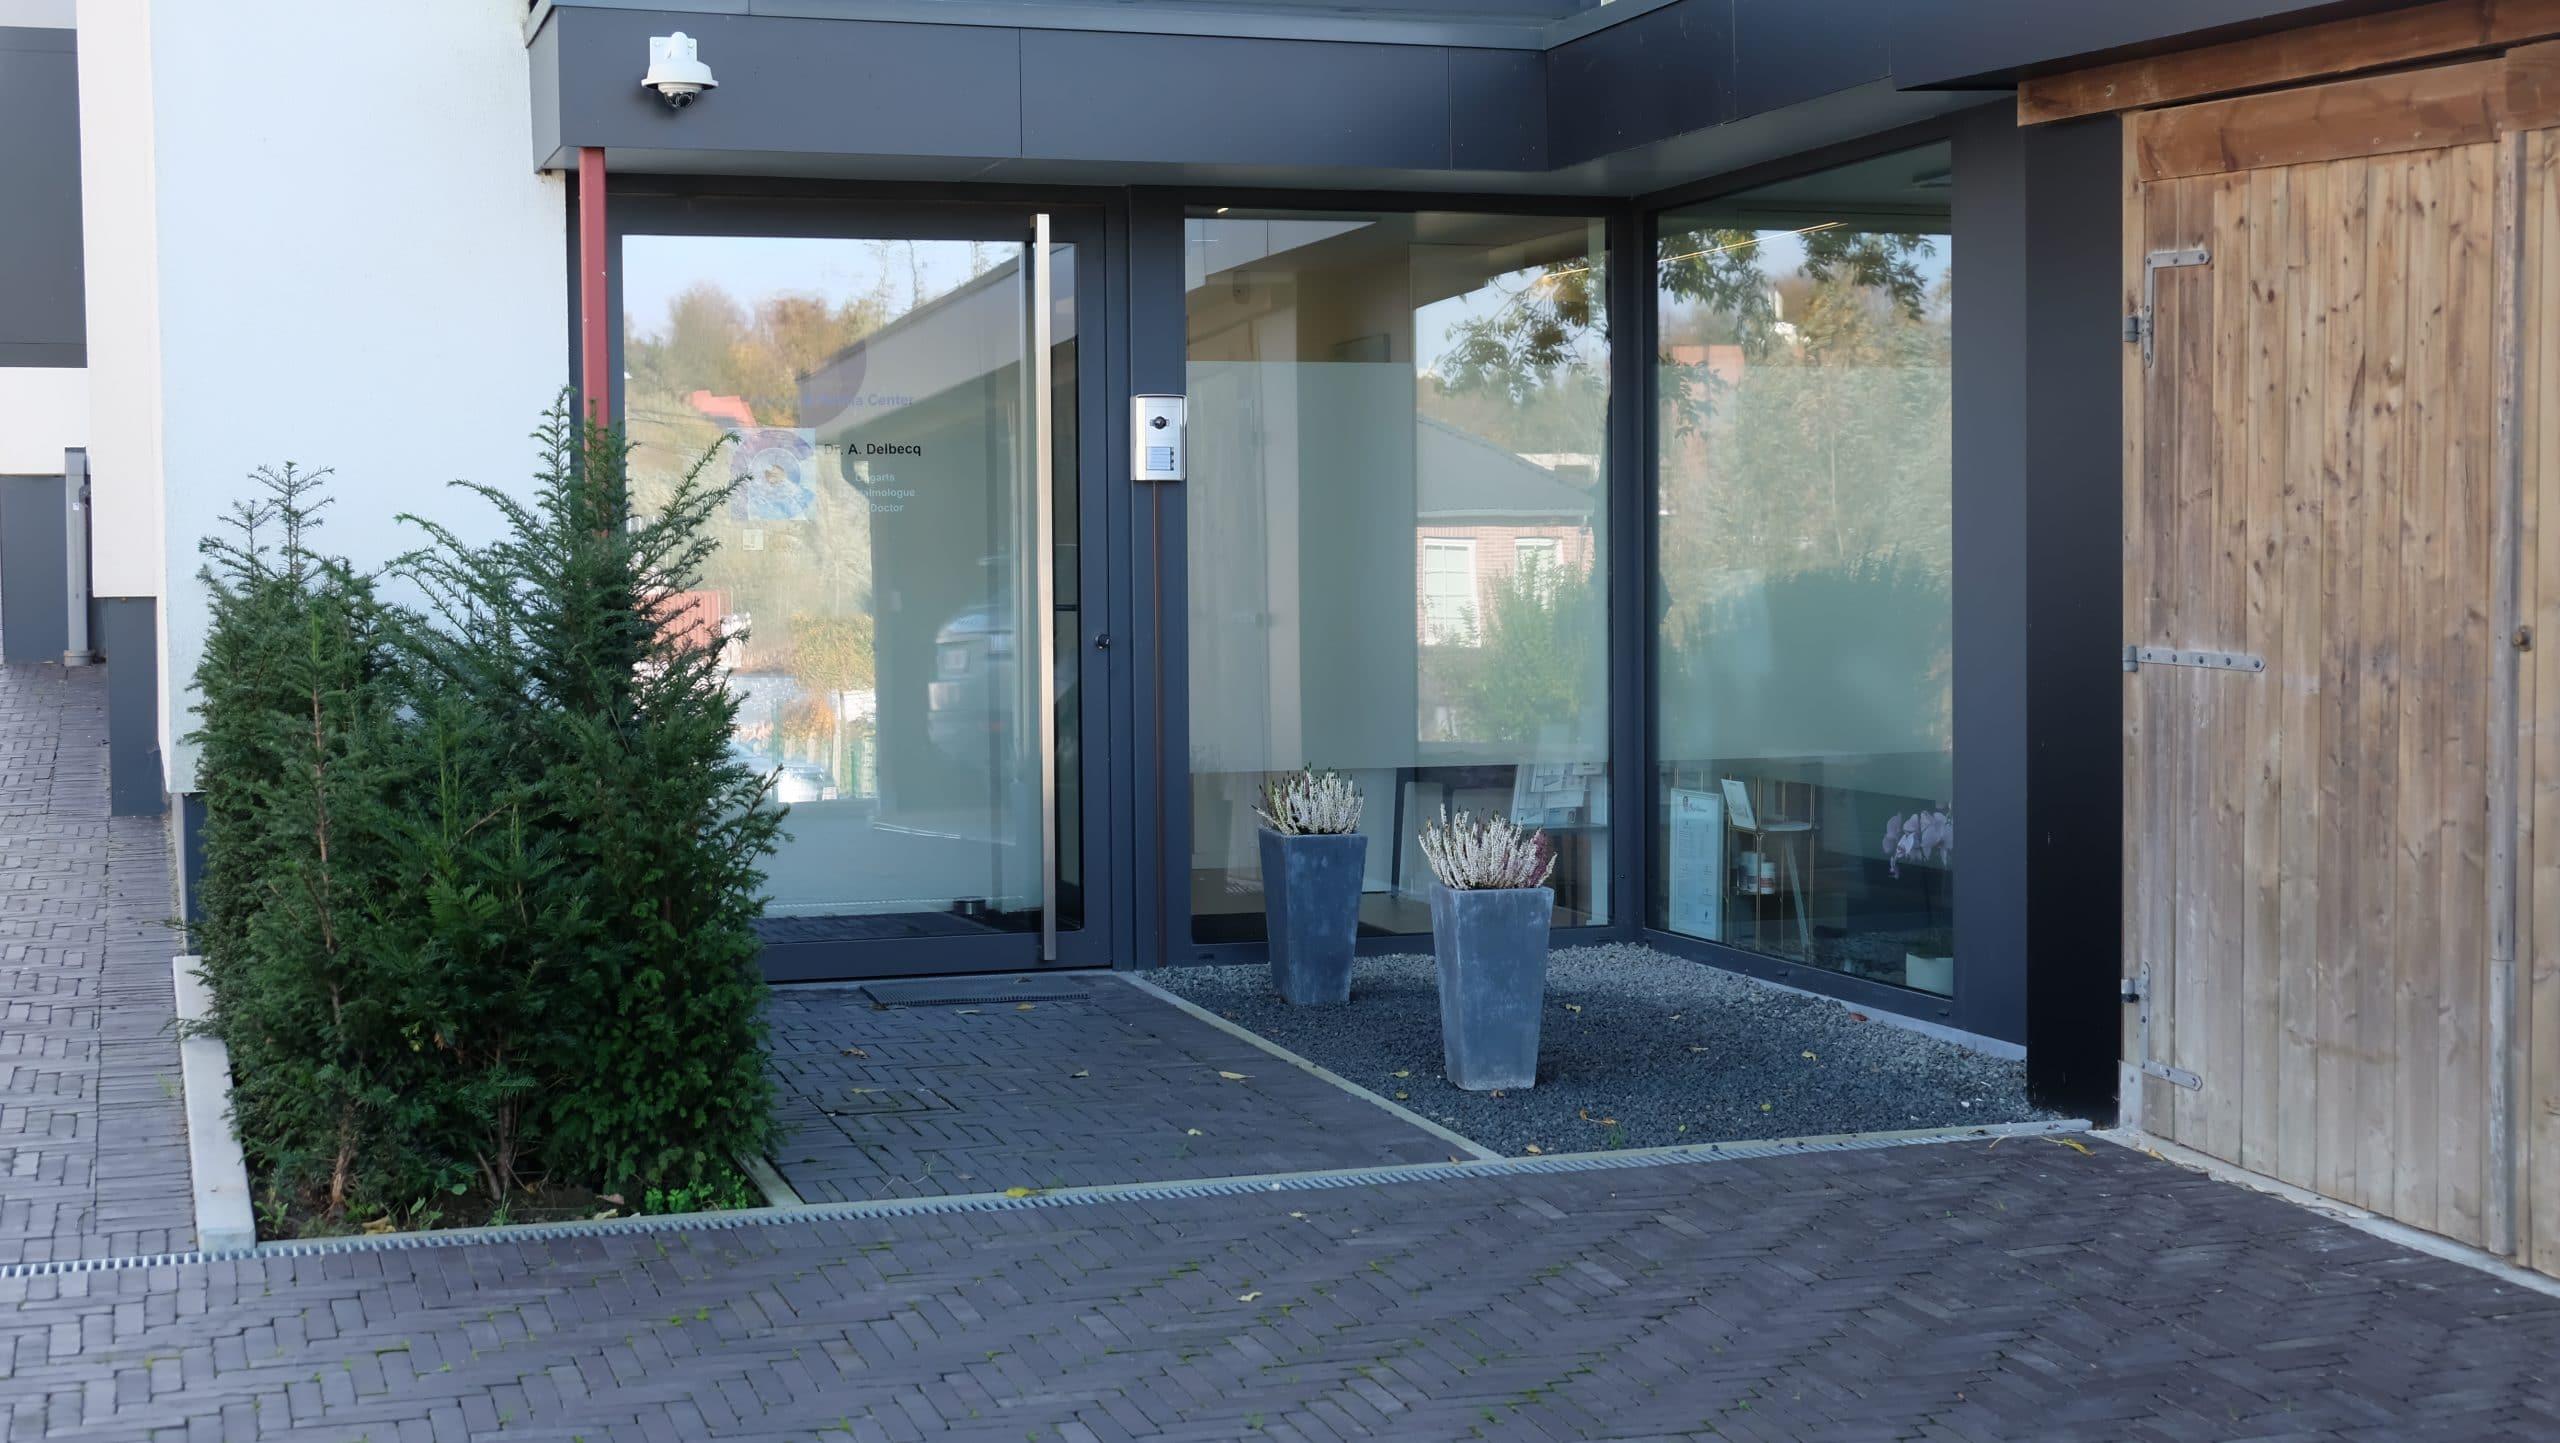 Ophtalmologue Eye-Center Rhode a Bruxelles